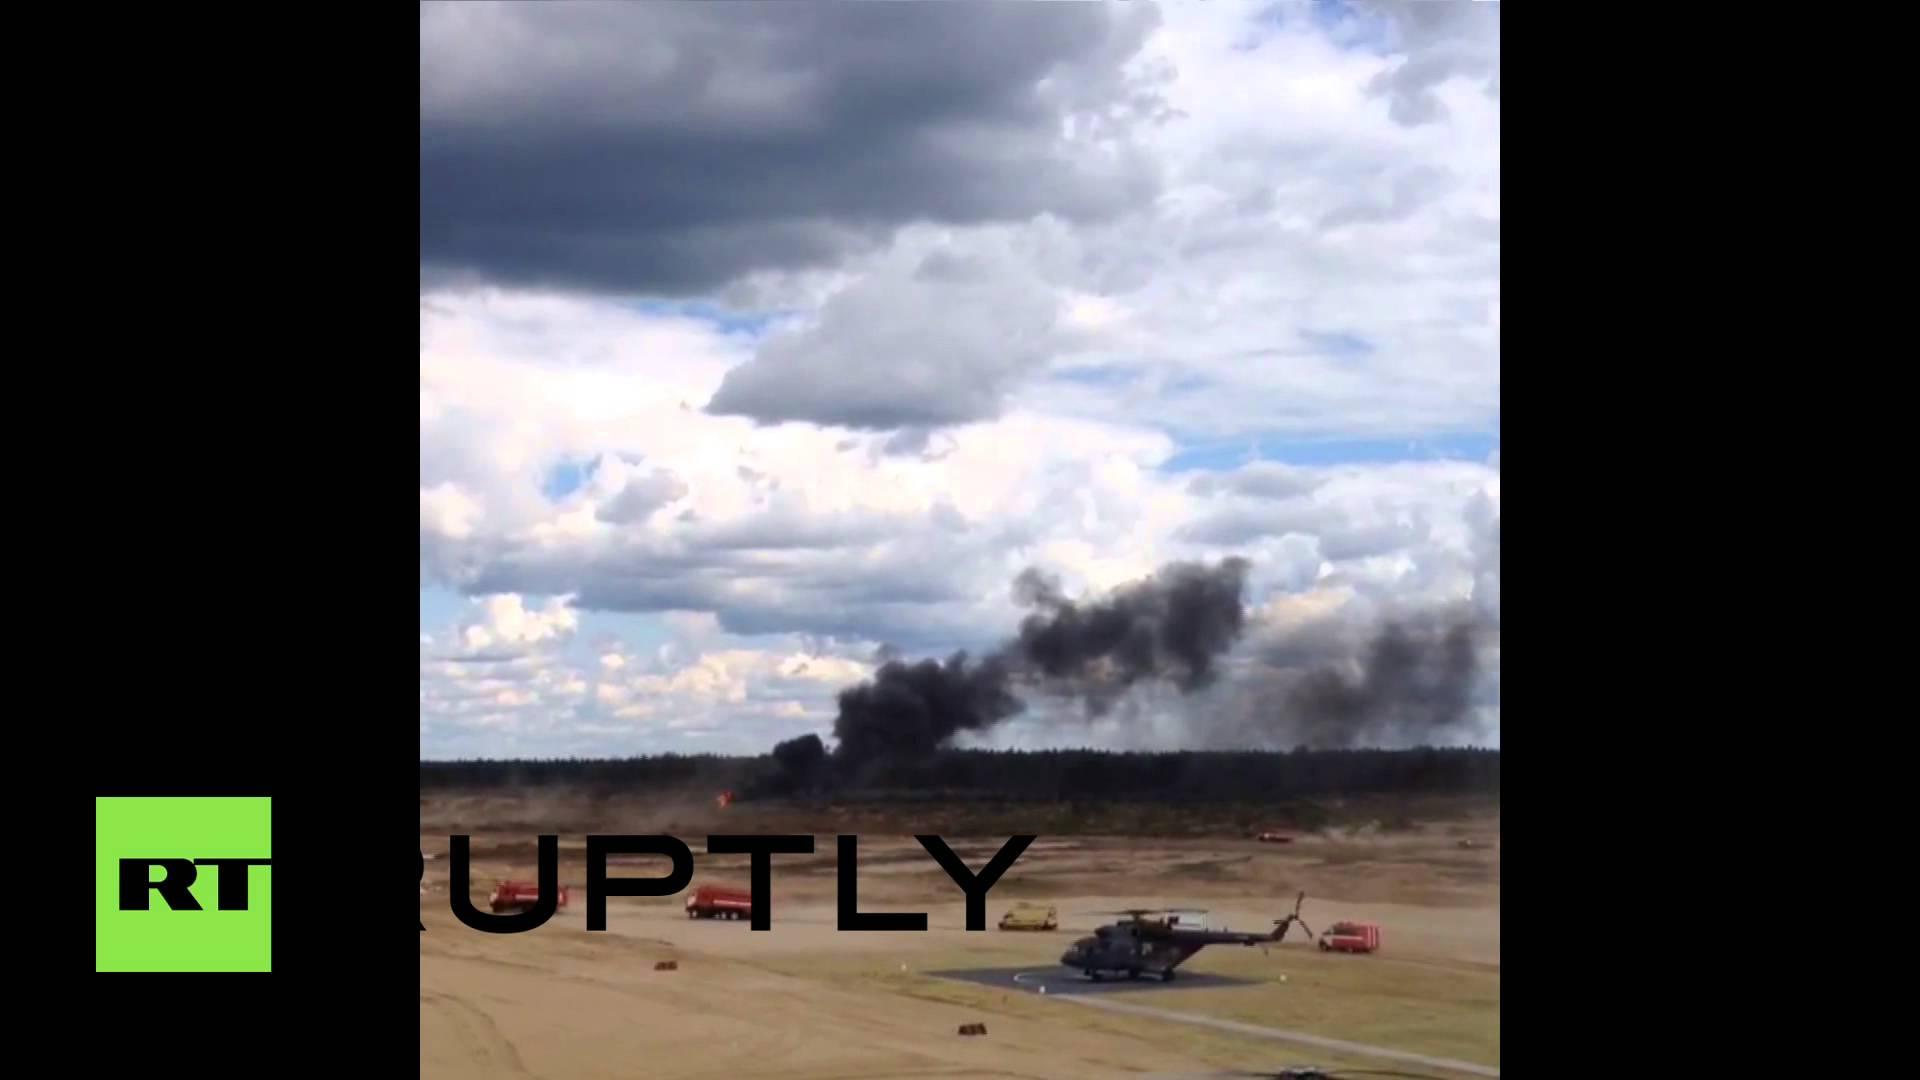 Συνετρίβη στρατιωτικό ελικόπτερο στη Ρωσία -Kατά τη διάρκεια επίδειξης [εικόνες & βίντεο]